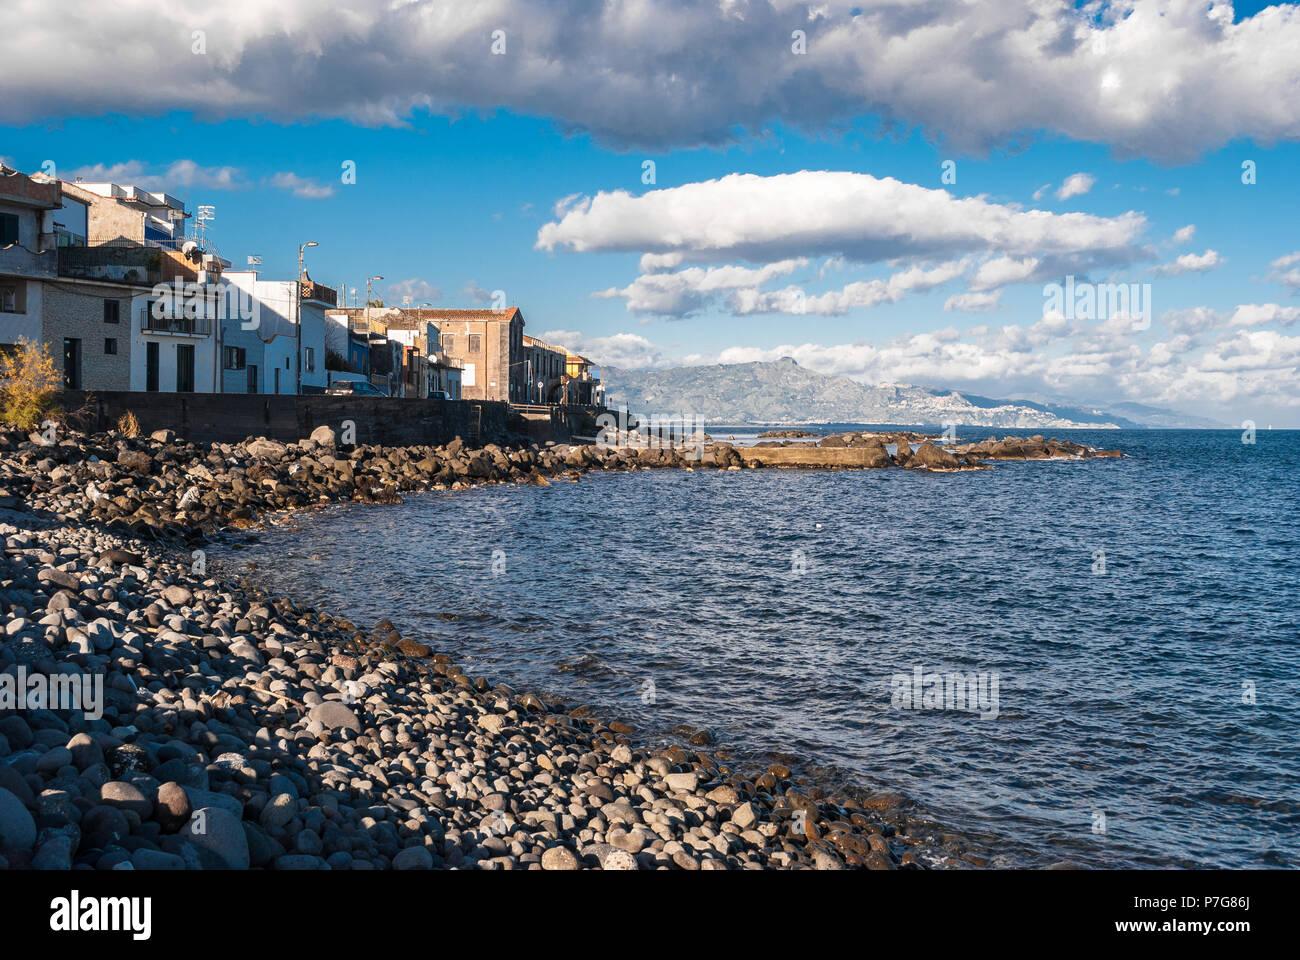 Il piccolo villaggio sul mare di Torre Archirafi (Catania) con la sua tipica spiaggia rocciosa Immagini Stock